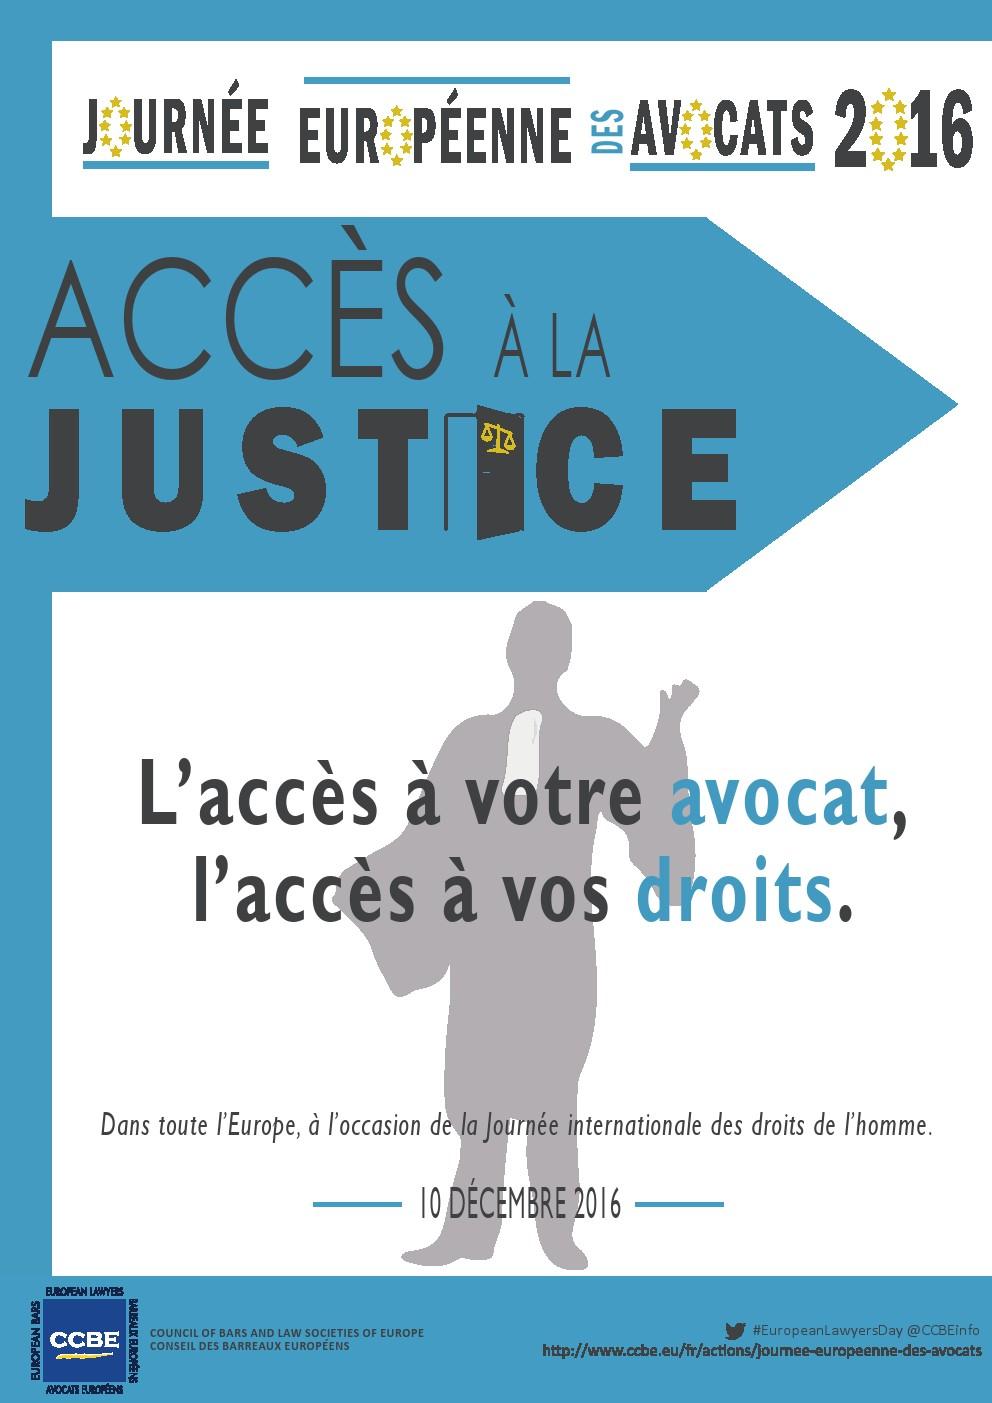 Journ e europ enne des avocats ordre des avocats de bayonne - Comment trouver un avocat commis d office ...